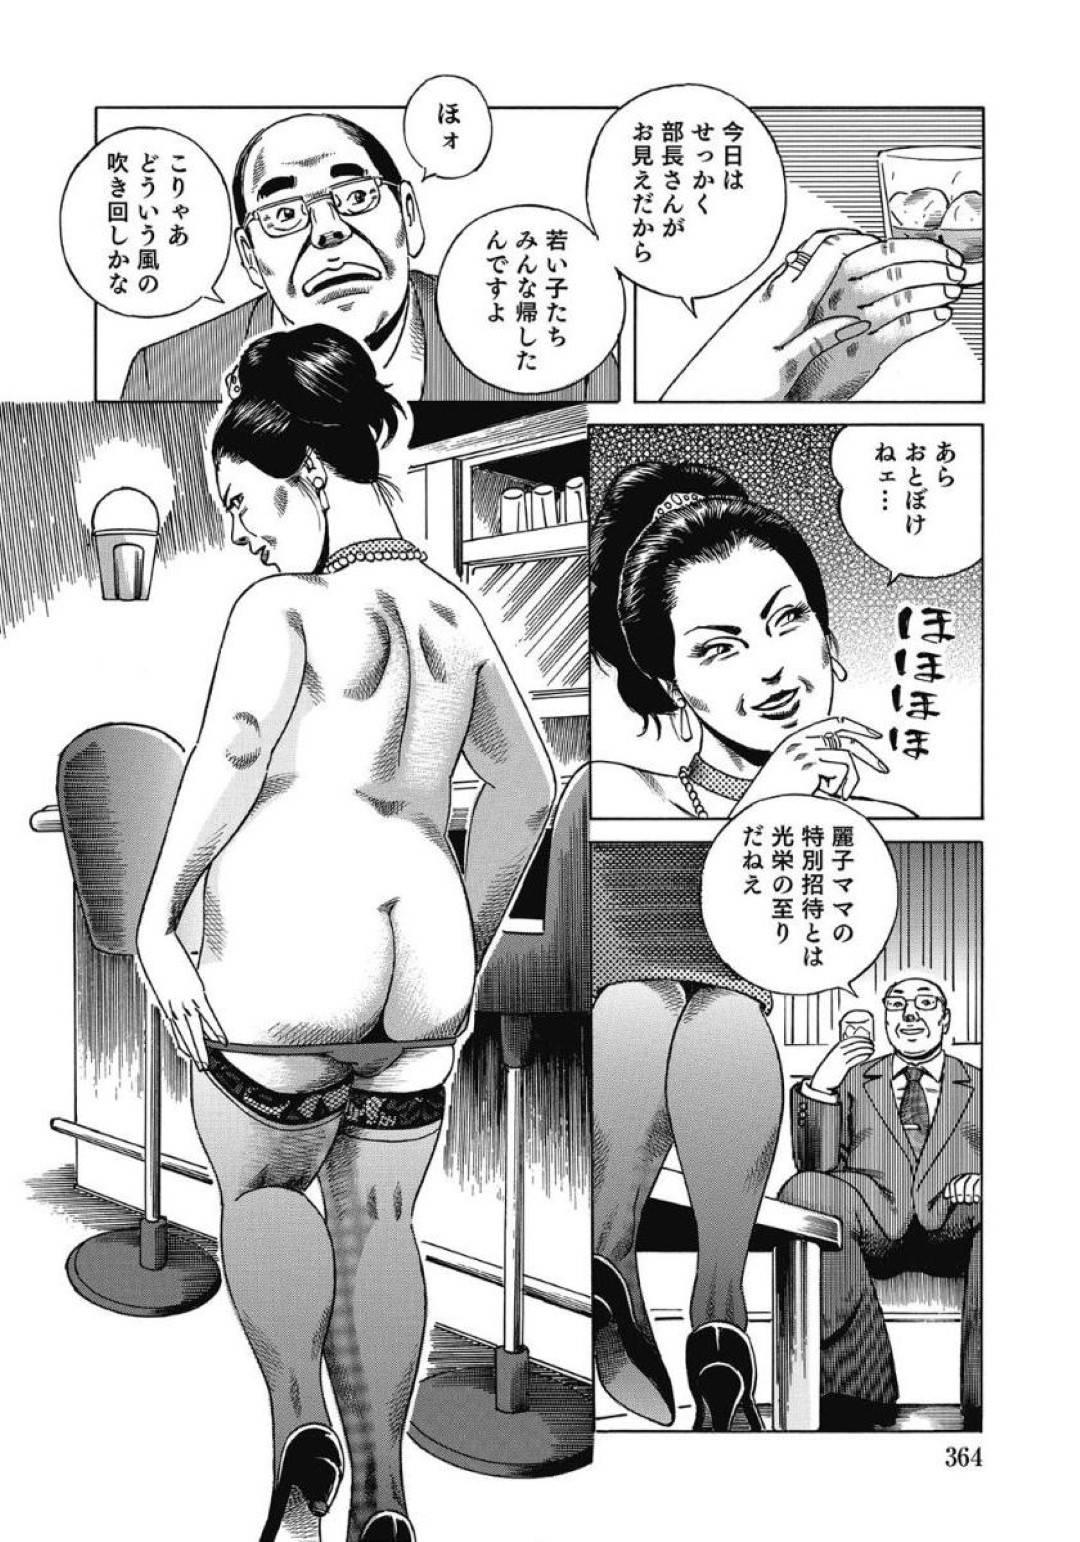 【エロ漫画】ご奉仕してくれるスナックの熟女…乳首舐めされたりフェラされちゃってだいしゅきホールドの中出しセックスしちゃう!【清水雅治:小さなスナック】